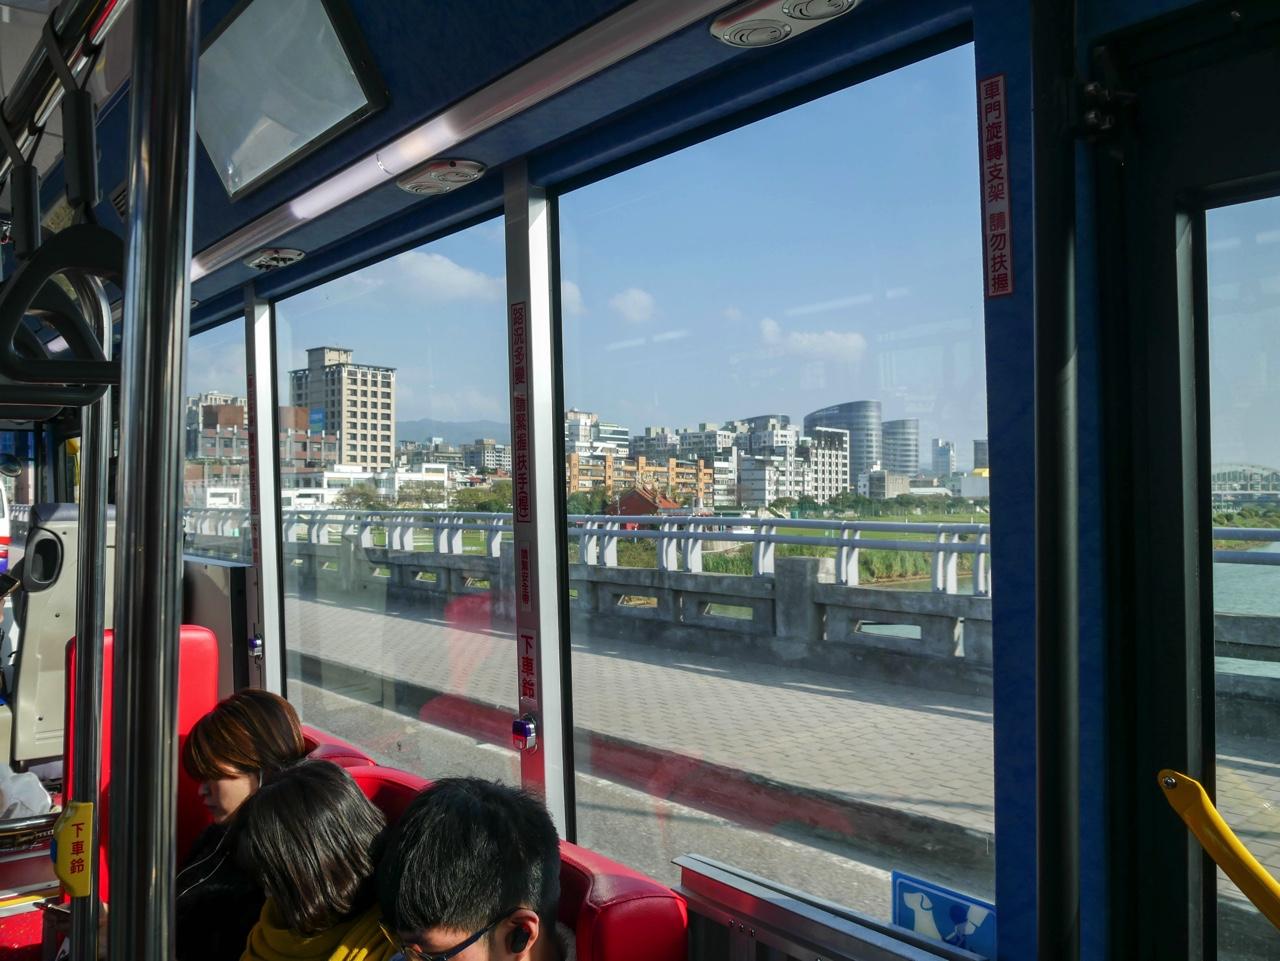 走行中のKKday社員専用送迎バスから見える景色